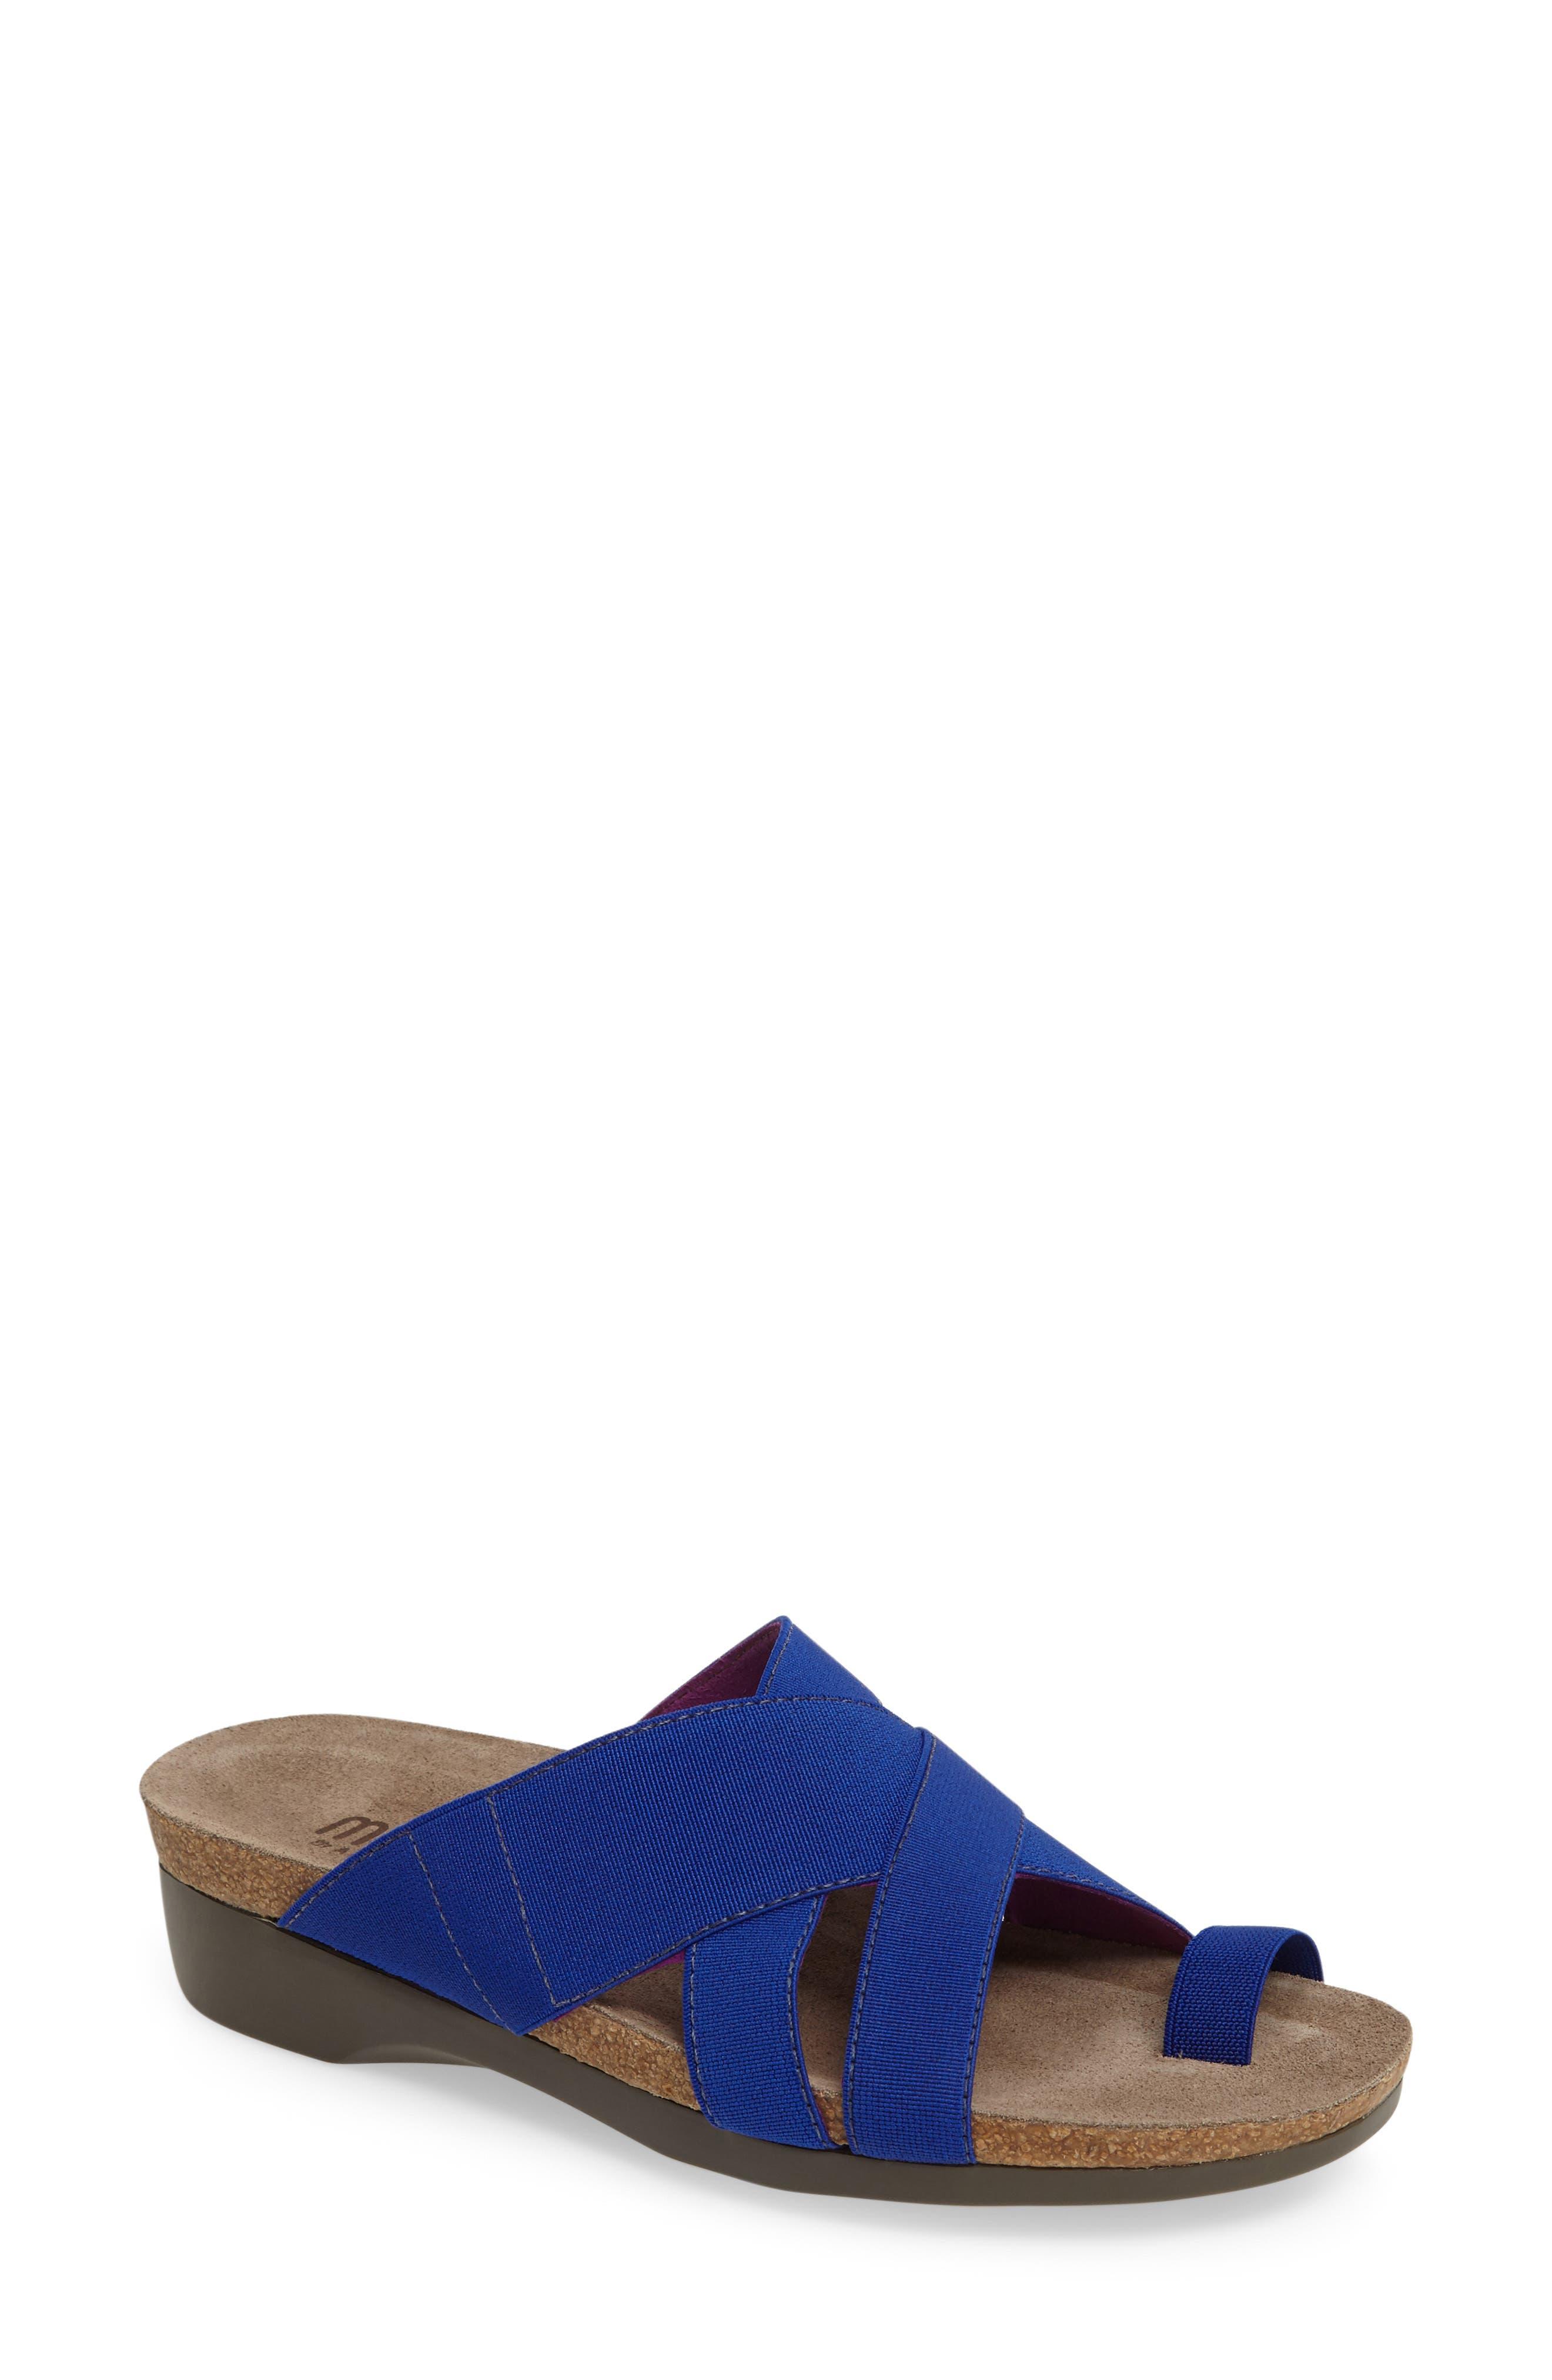 Delphi Slide Sandal,                             Main thumbnail 1, color,                             Blue Fabric